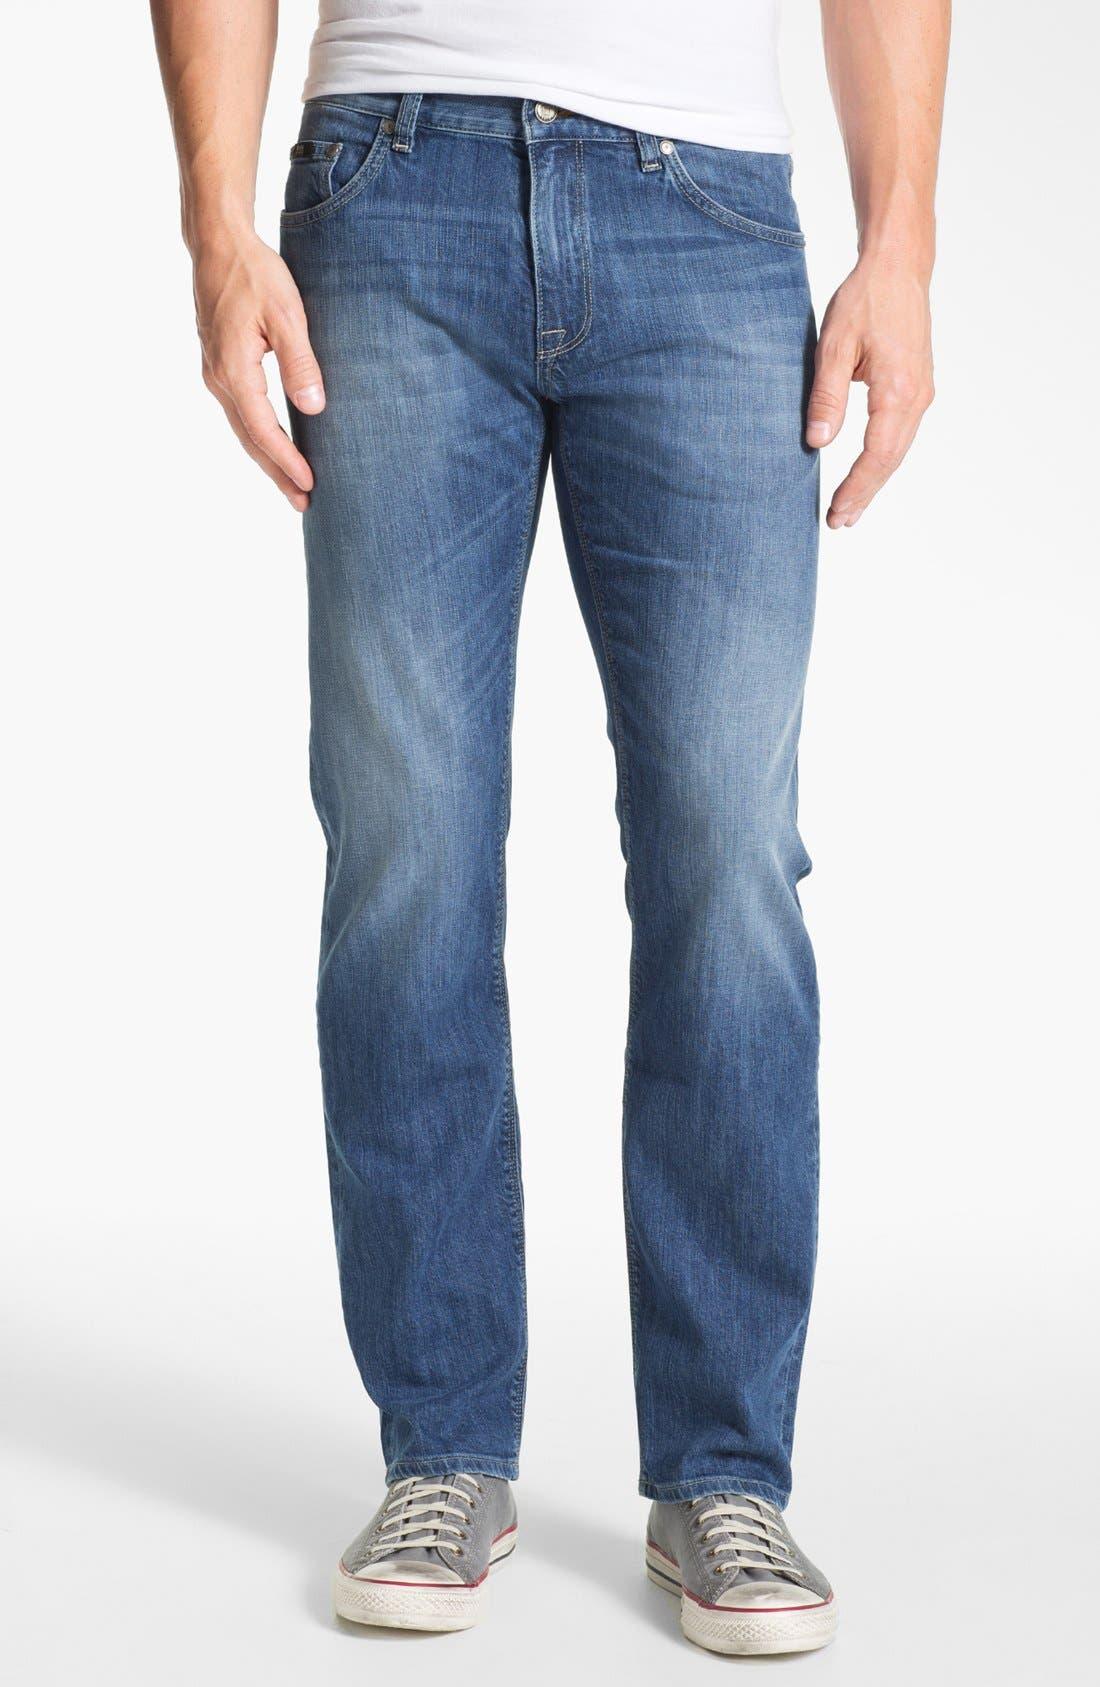 Alternate Image 1 Selected - BOSS HUGO BOSS 'Maine' Straight Leg Regular Fit Jeans (Dark Used)